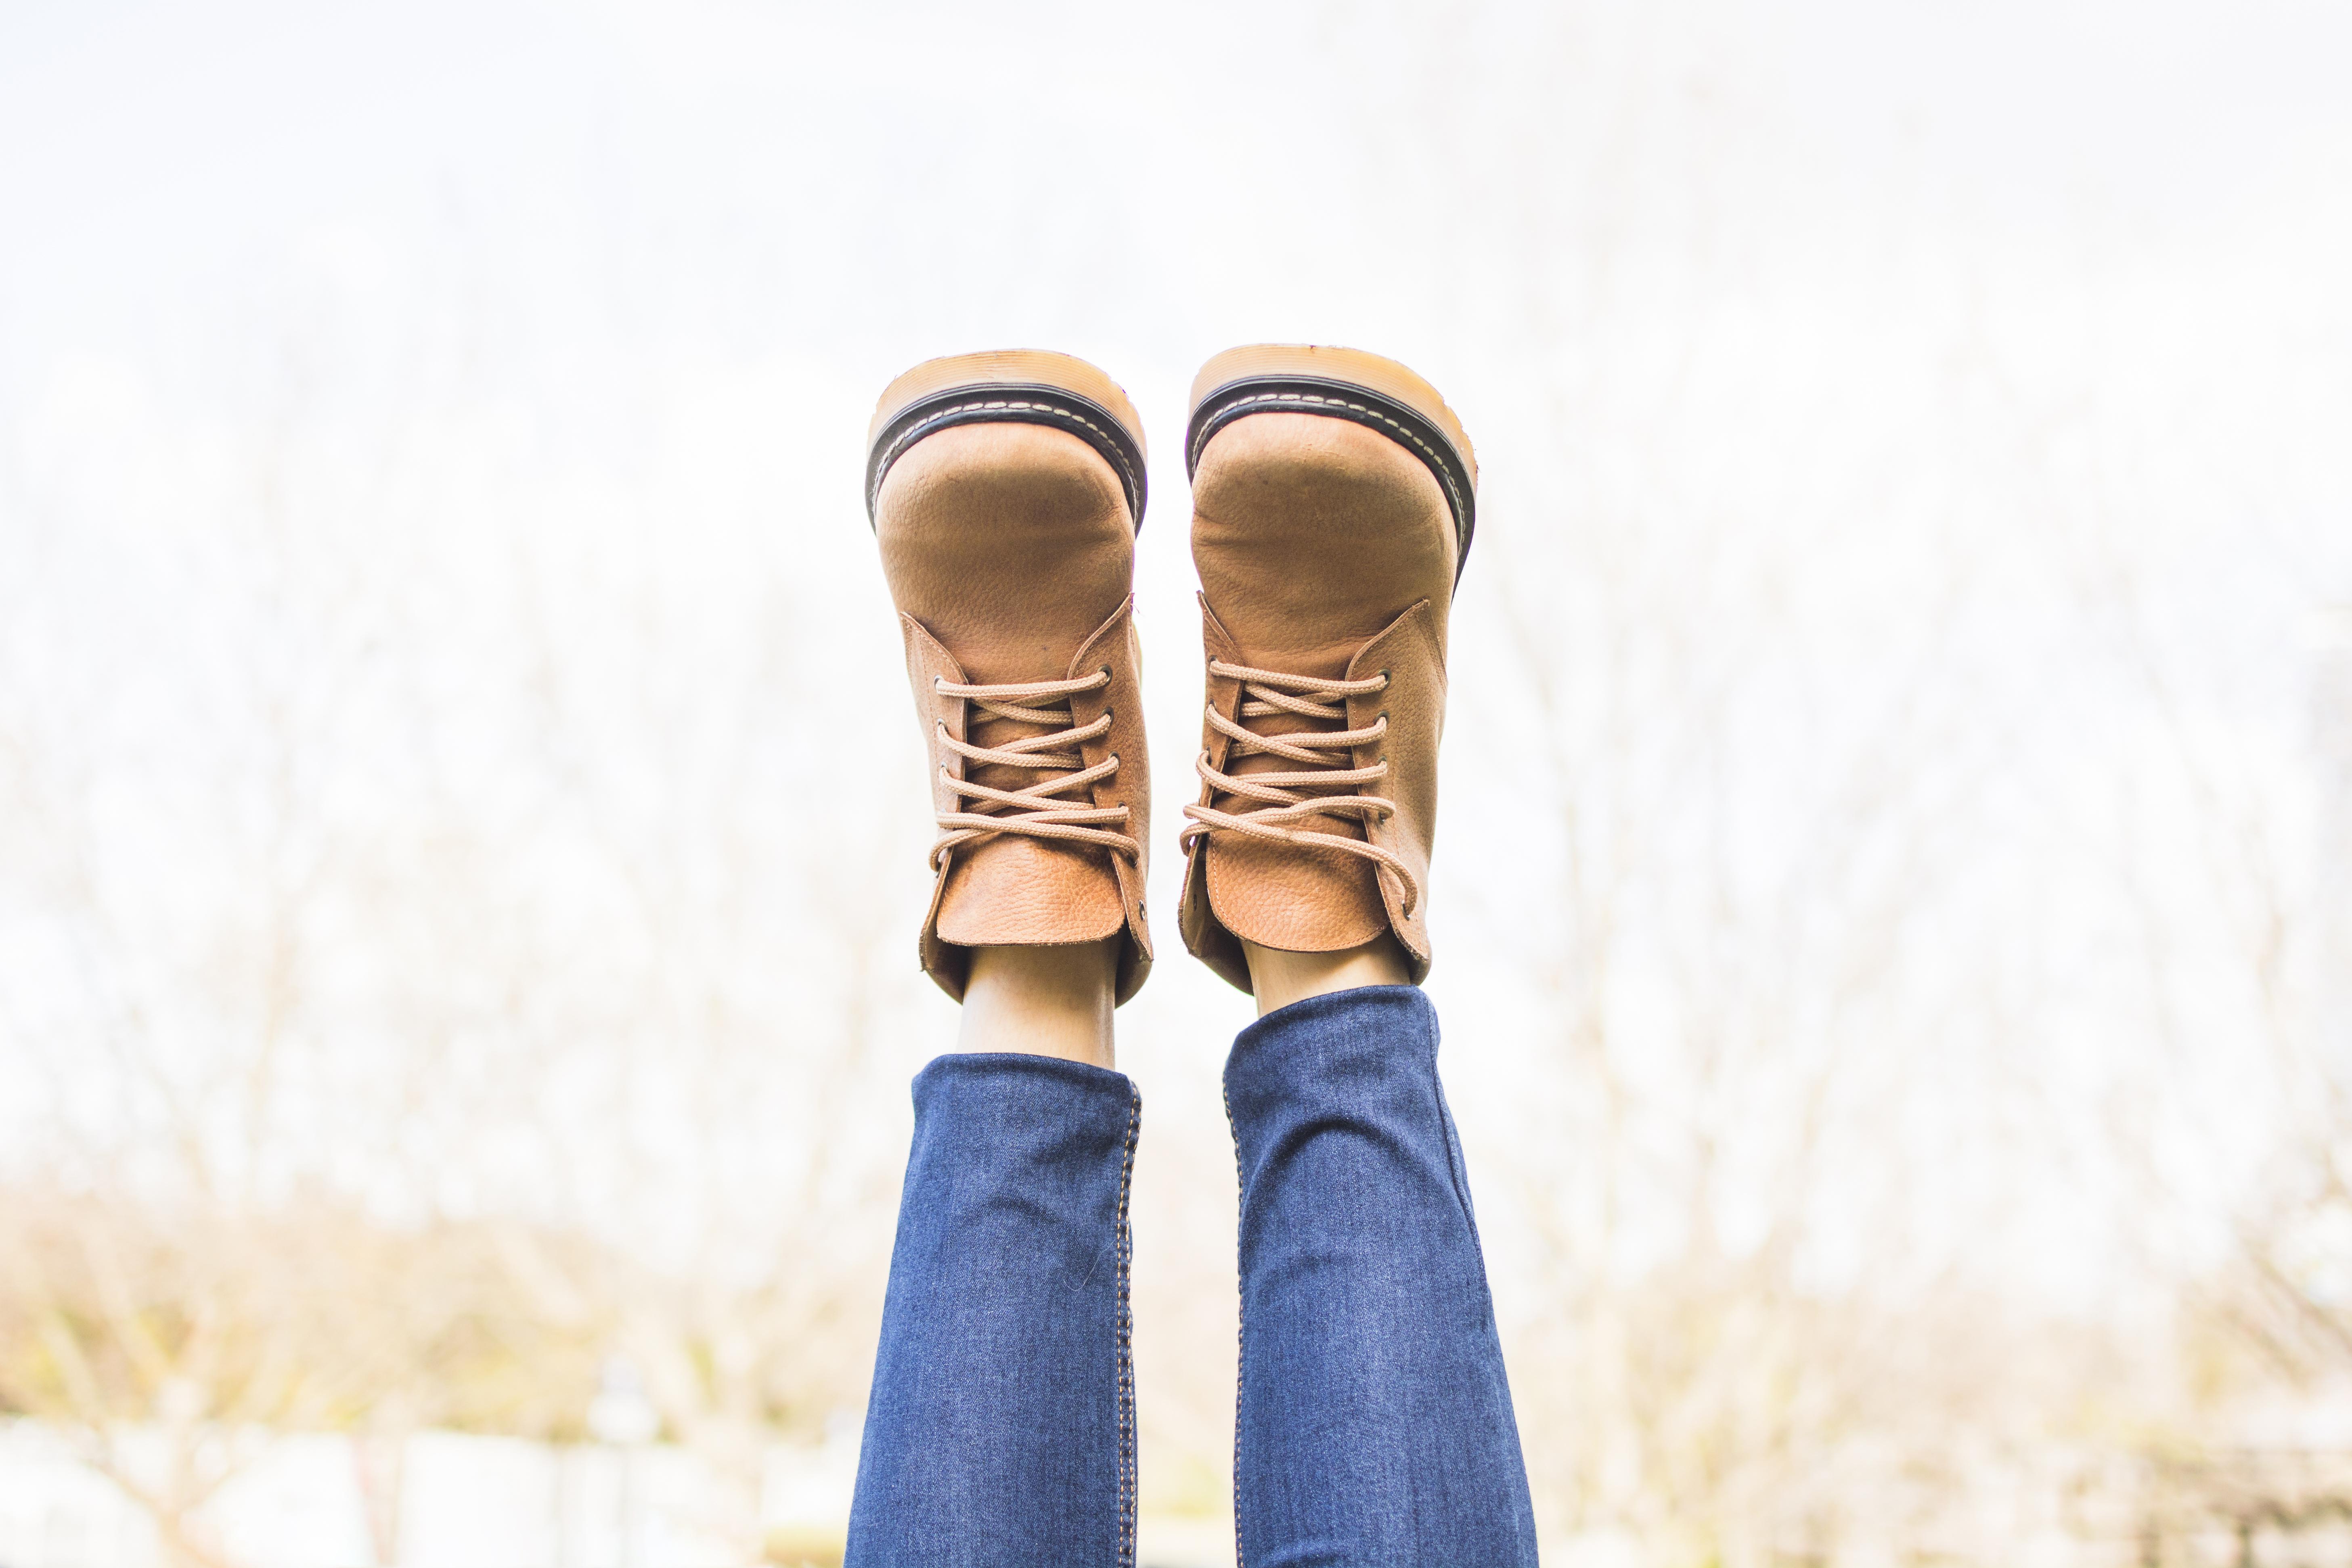 2cfa6548cab7b Замша натуральная. Безусловно, обувь из такого материала выглядит очень  красиво и благородно. Однако, замша бывает очень прихотлива к погодным  условиям и к ...